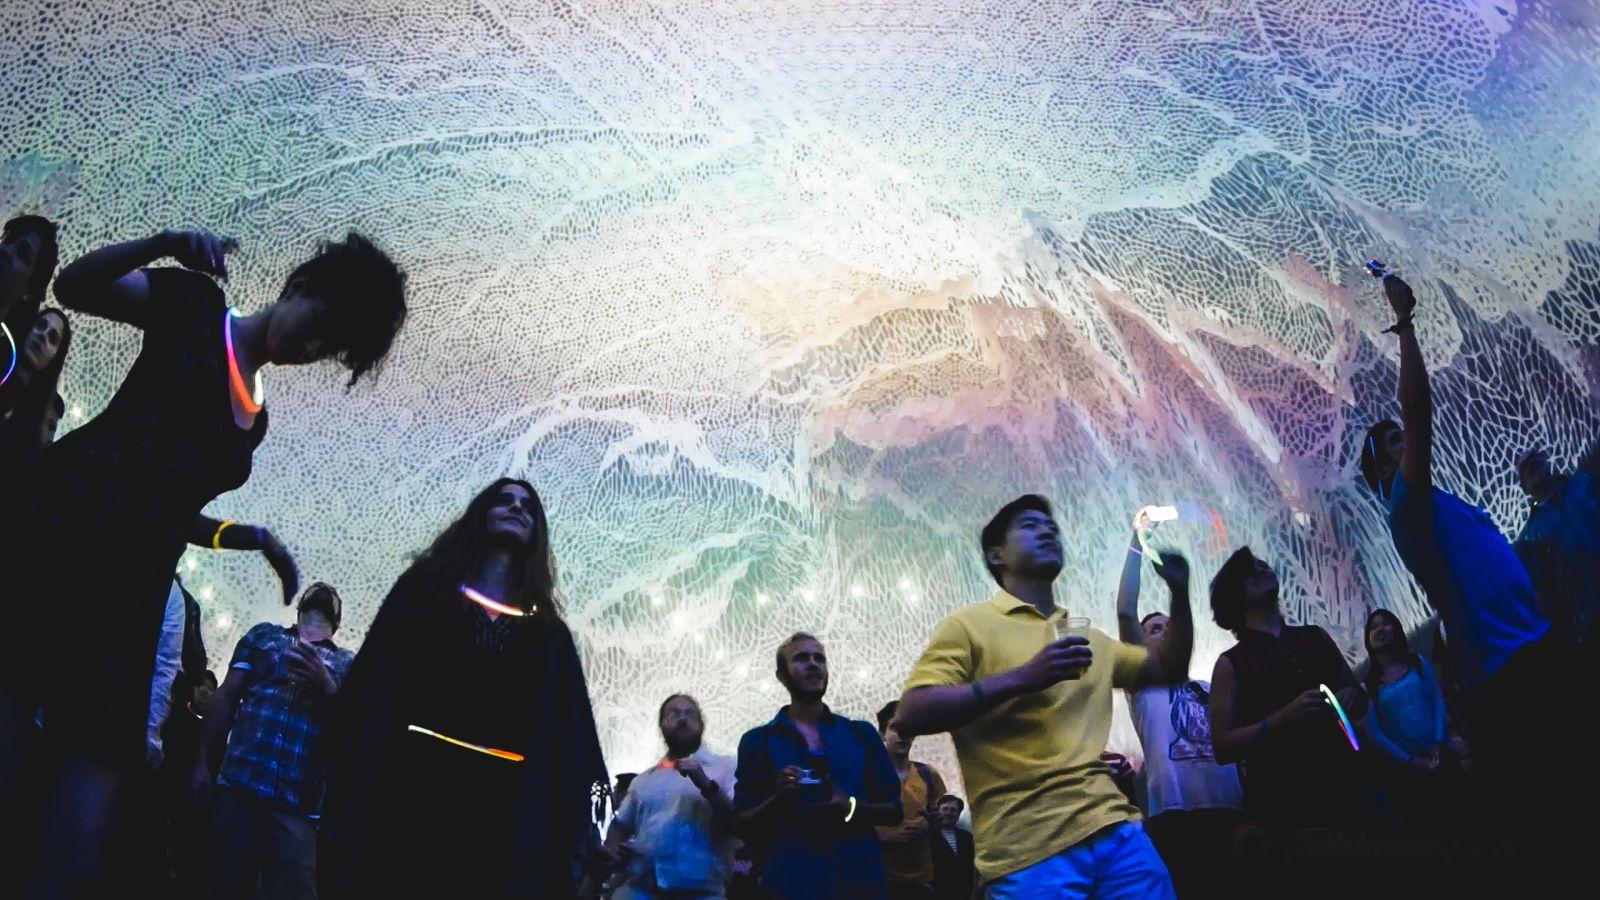 Открытие сферического мультимедиа-зала «АтмаСфера 360» и уличный фестиваль иммерсивного искусства в «Зелёном театре» Стаса Намина фото 2